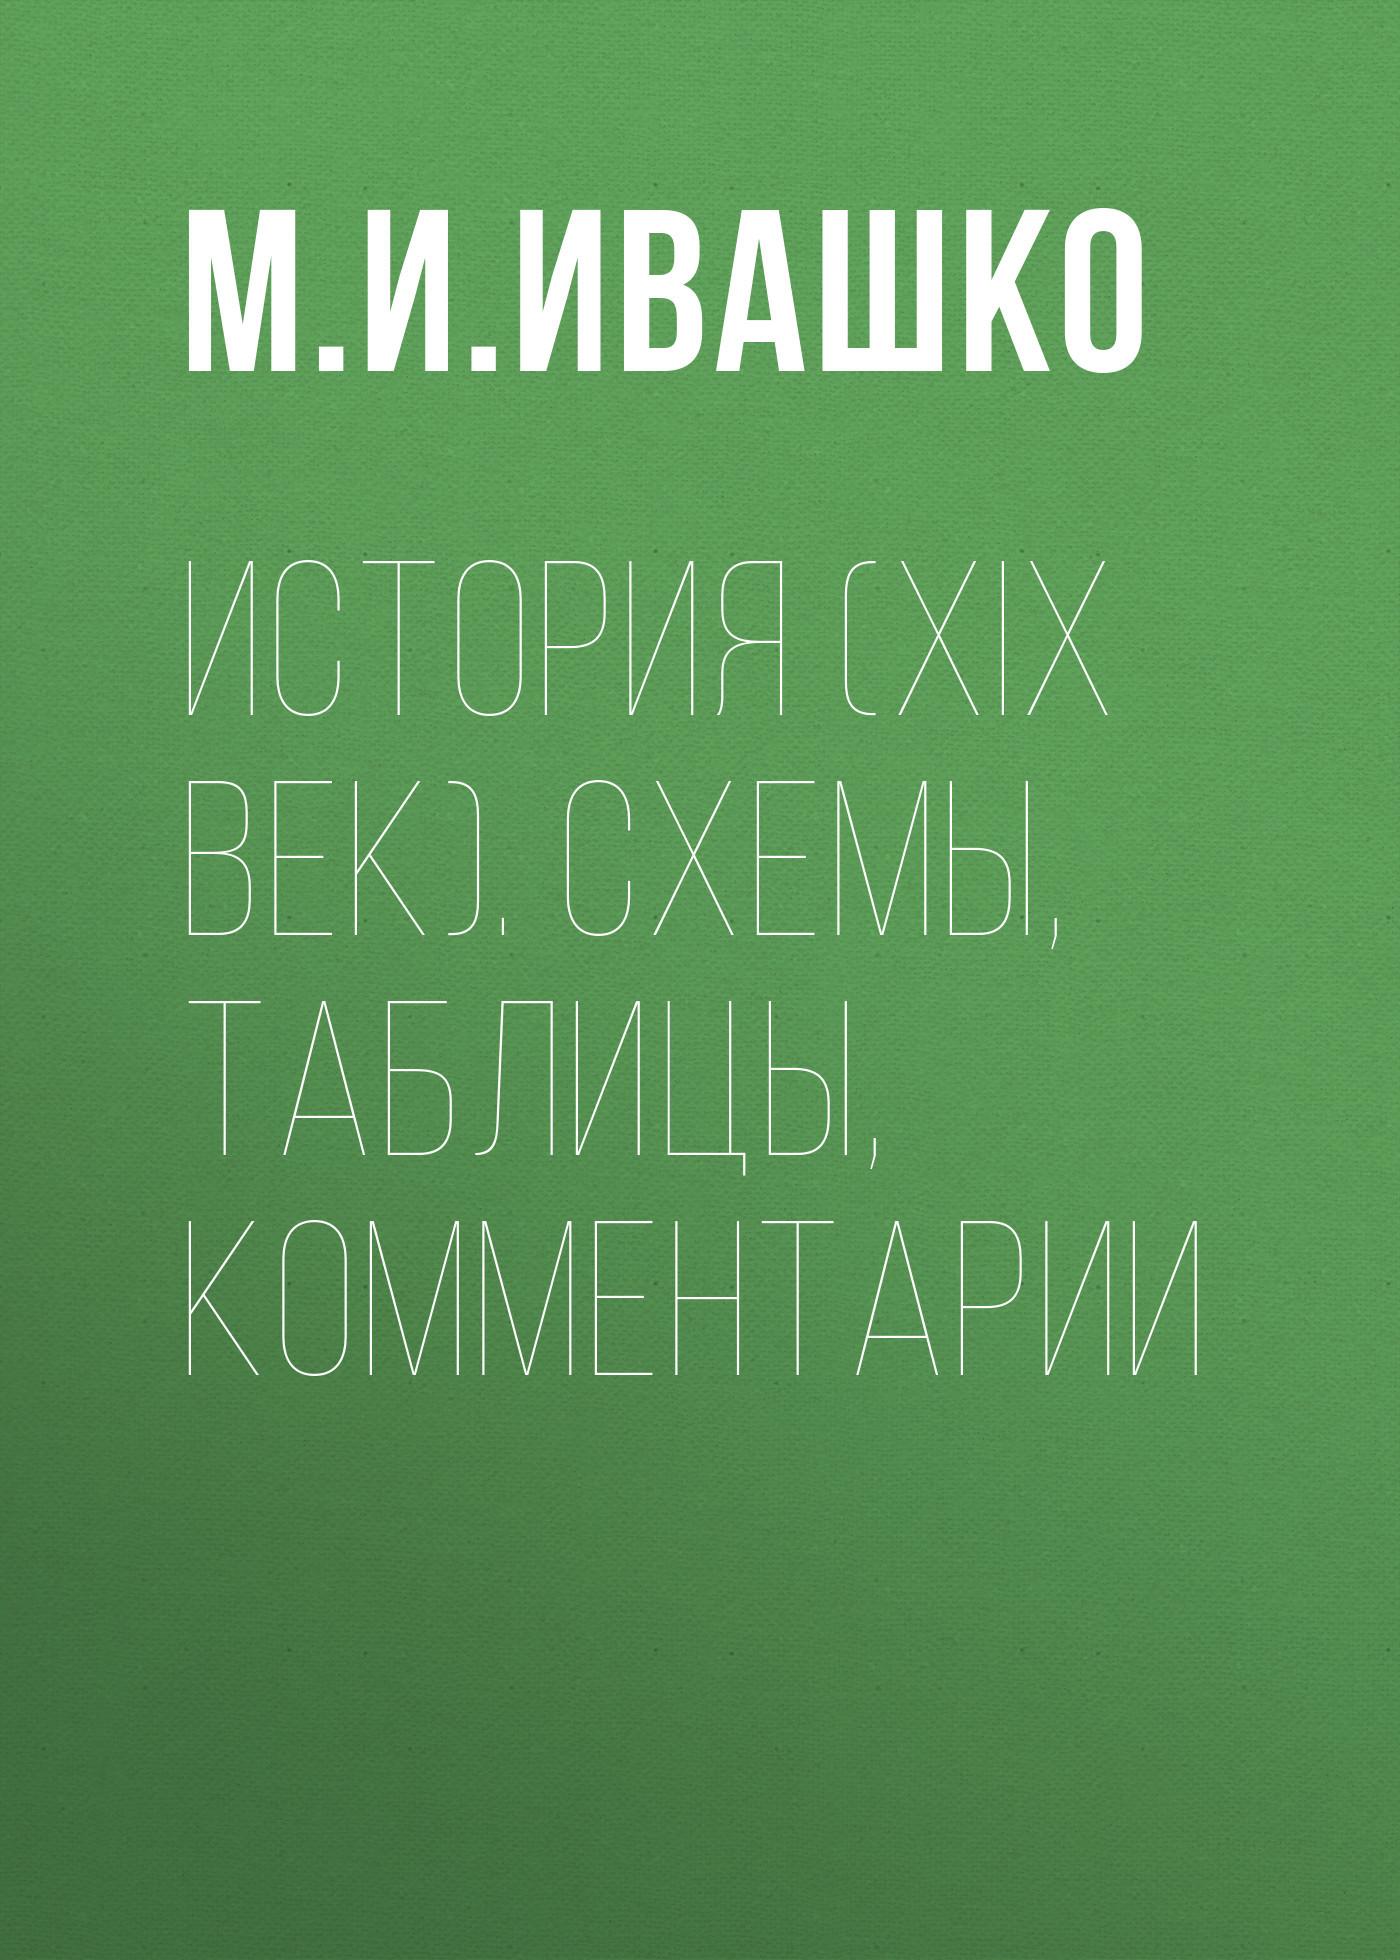 М. И. Ивашко История (XIX век). Схемы, таблицы, комментарии